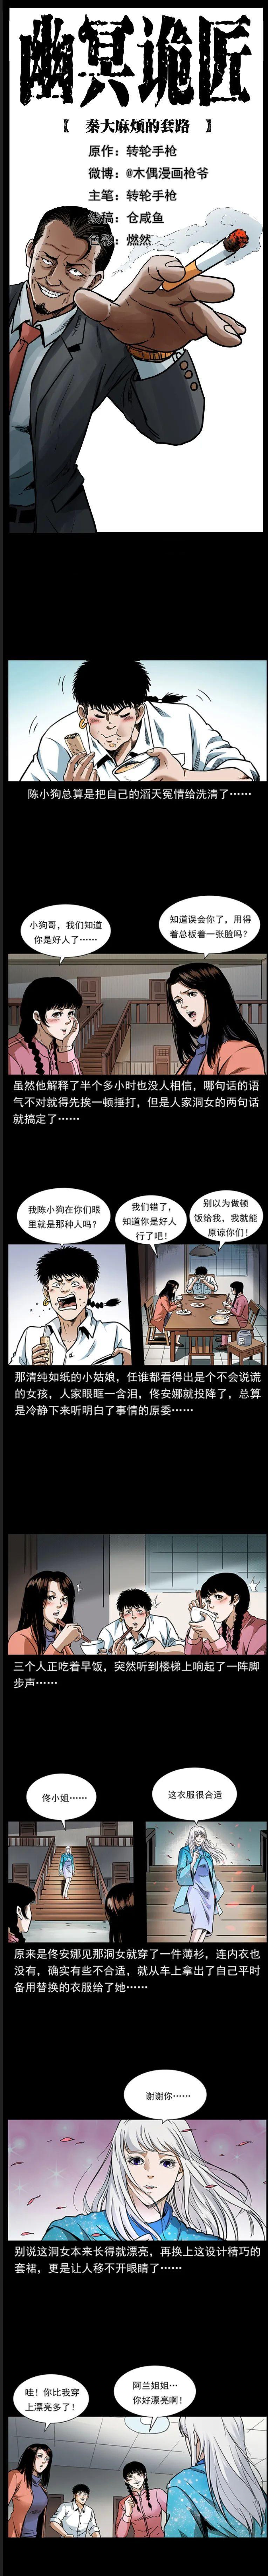 僵尸王漫画:幽冥诡匠之秦大麻烦的套路